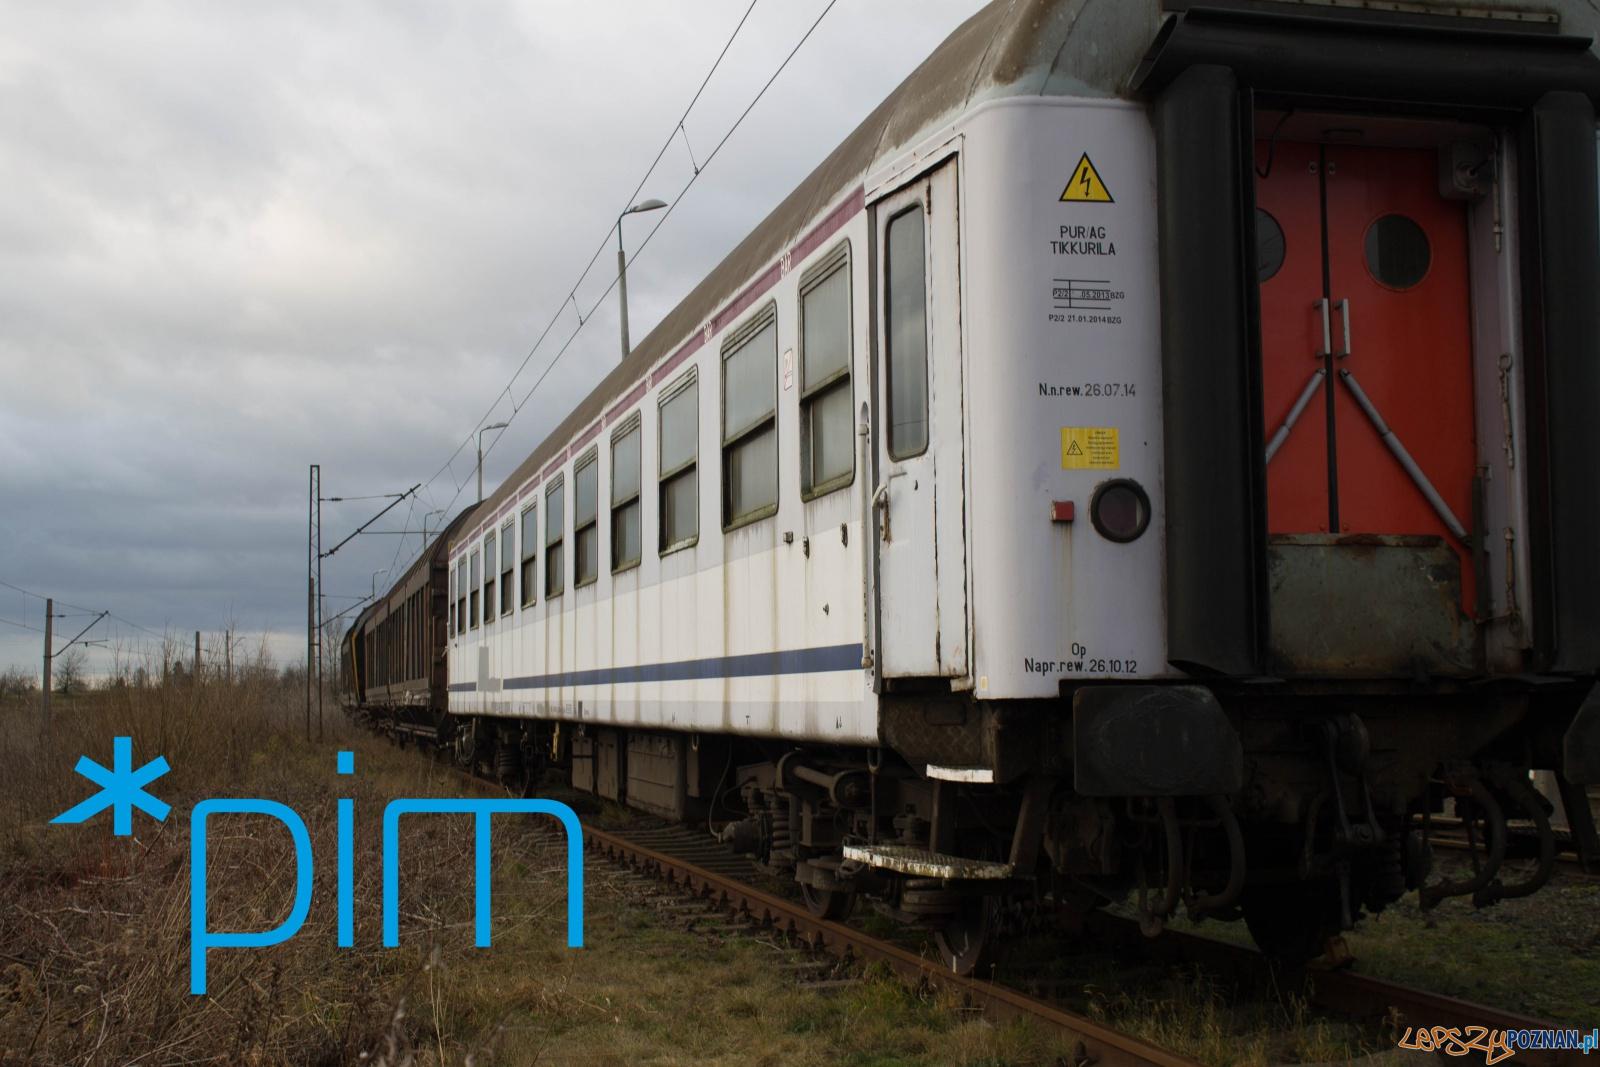 Lokomotywy i wagony w Parku Rataje  Foto: